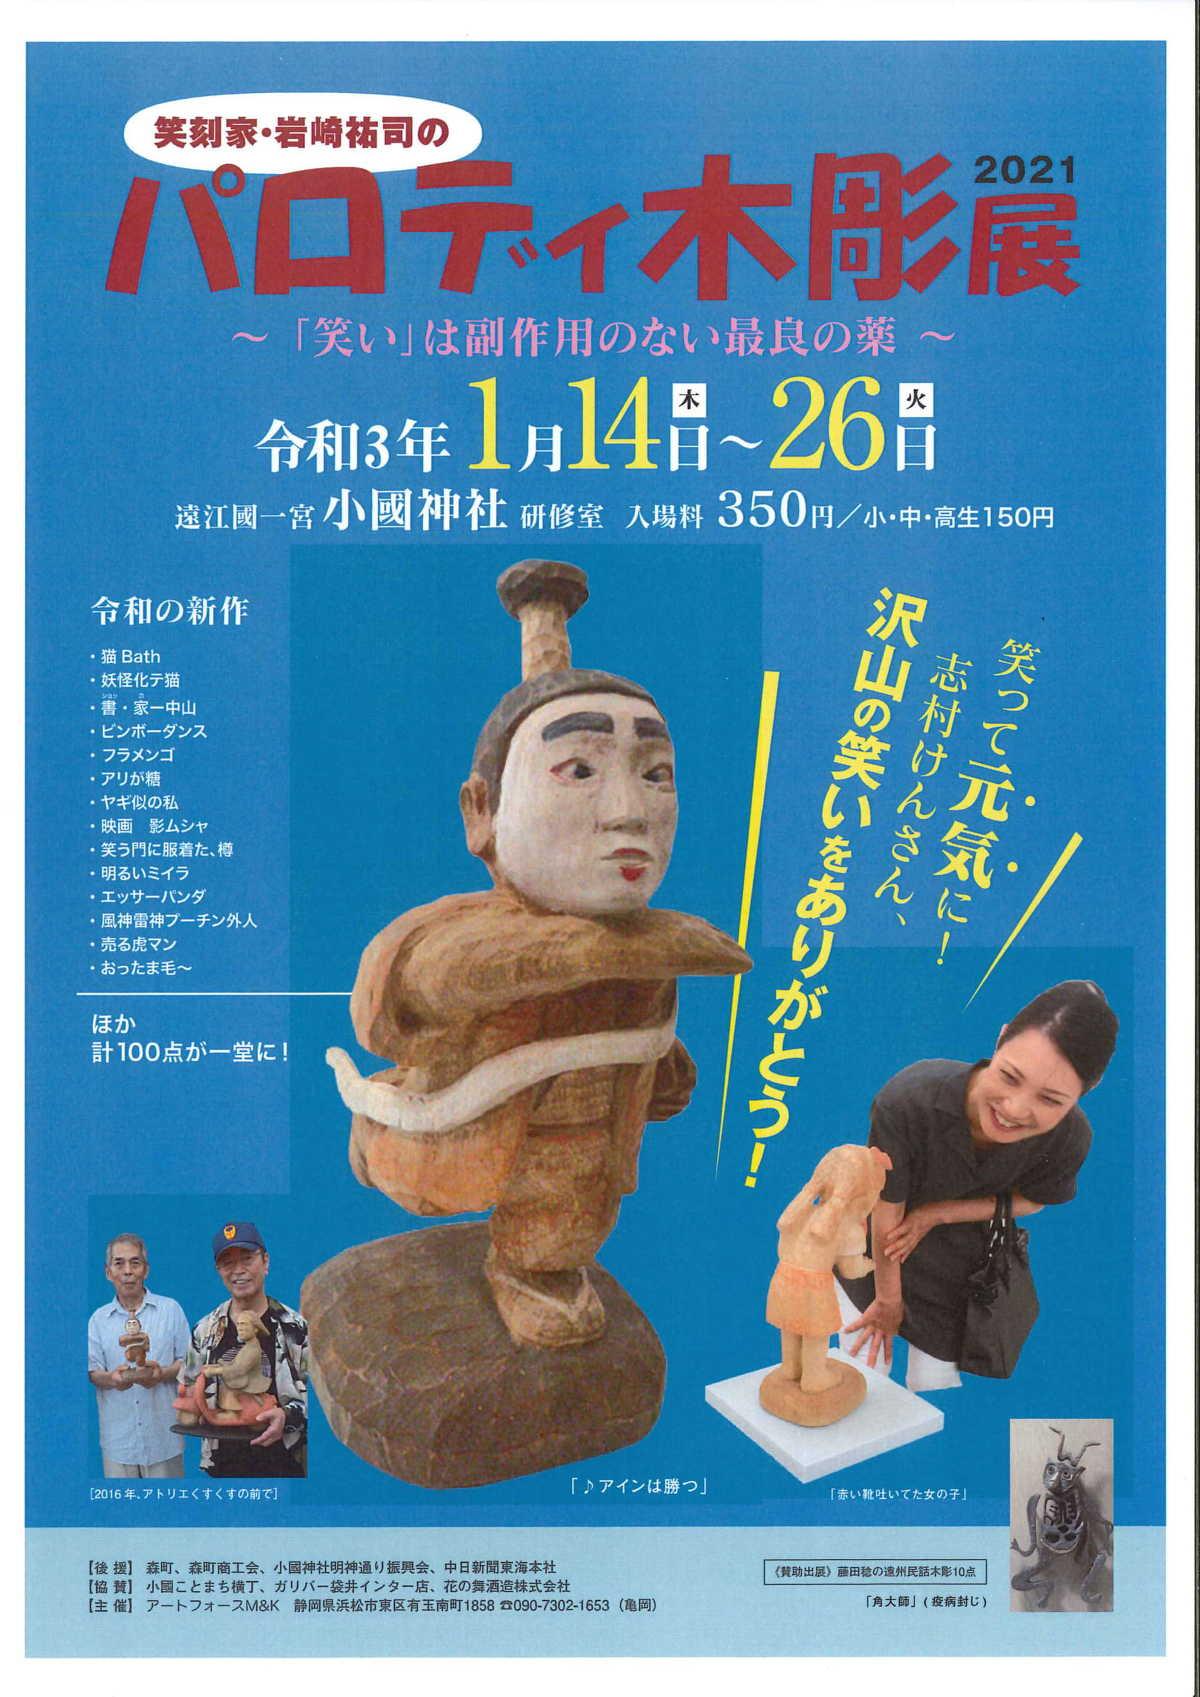 笑刻家・岩崎祐司さんの個展「パロディ木彫展2021」開催!